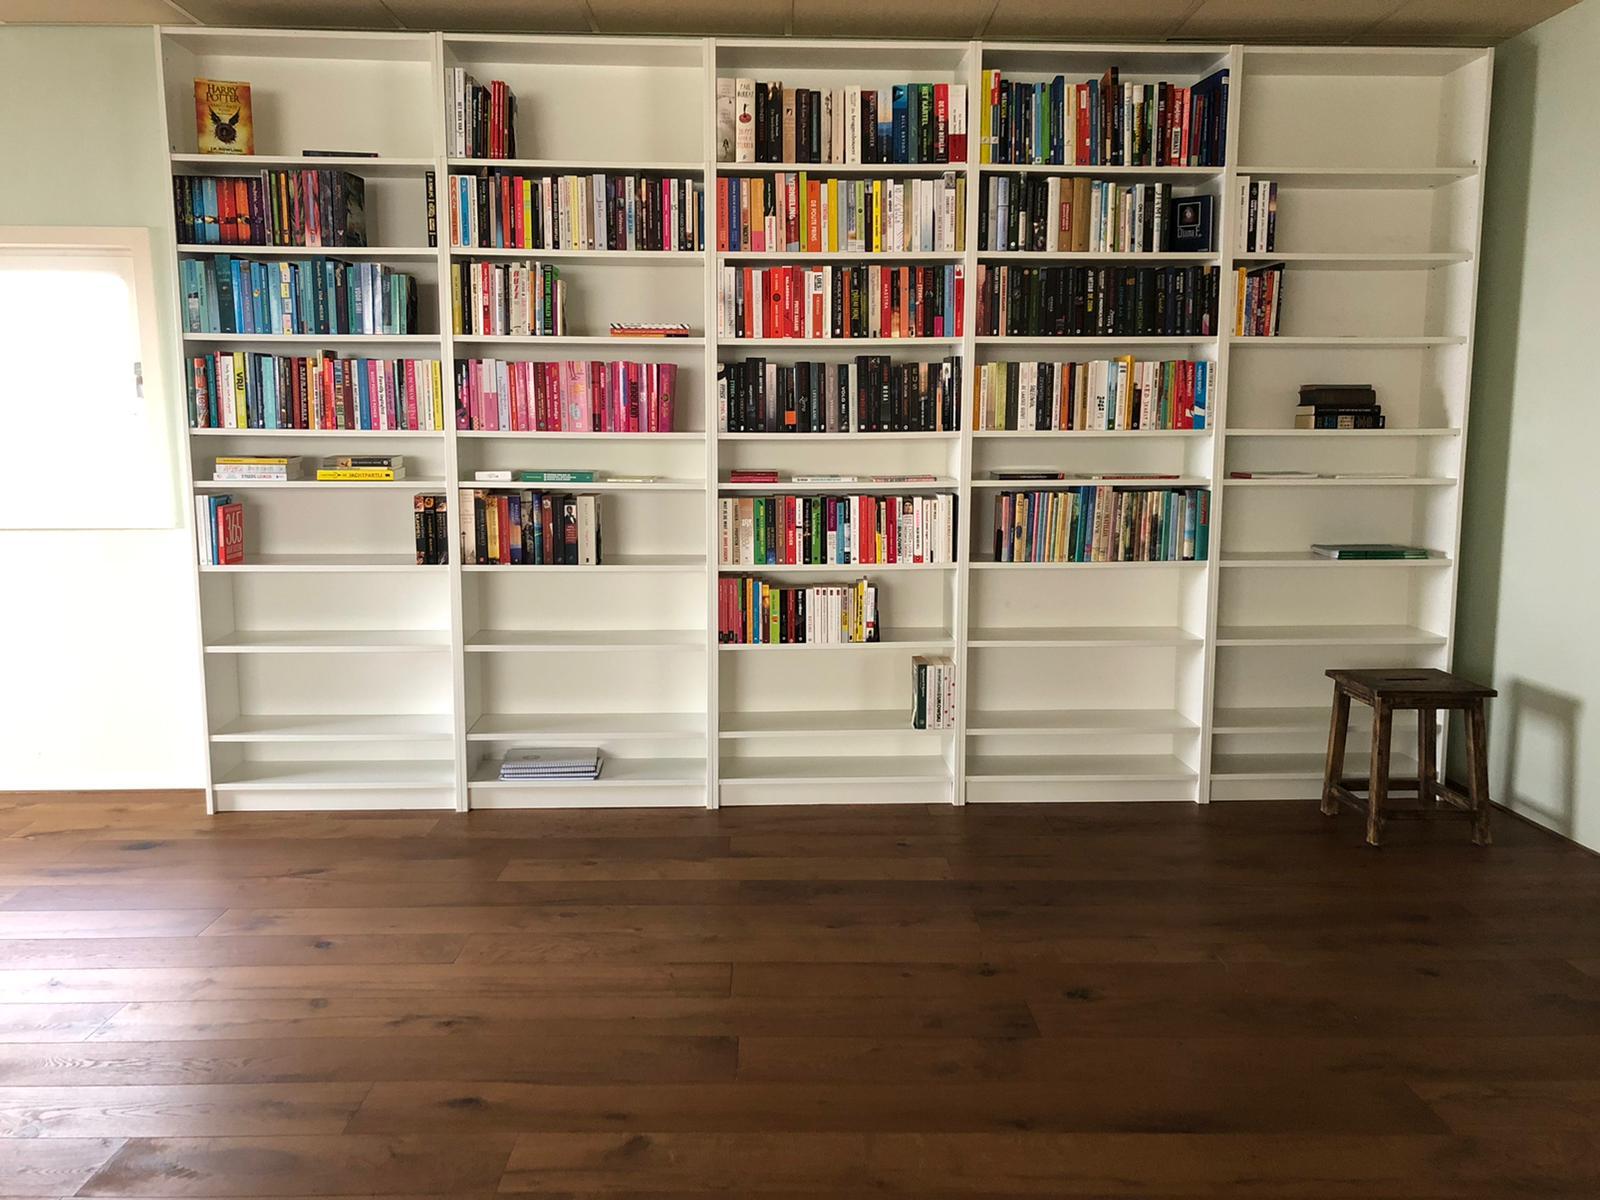 boekenkast gevuld